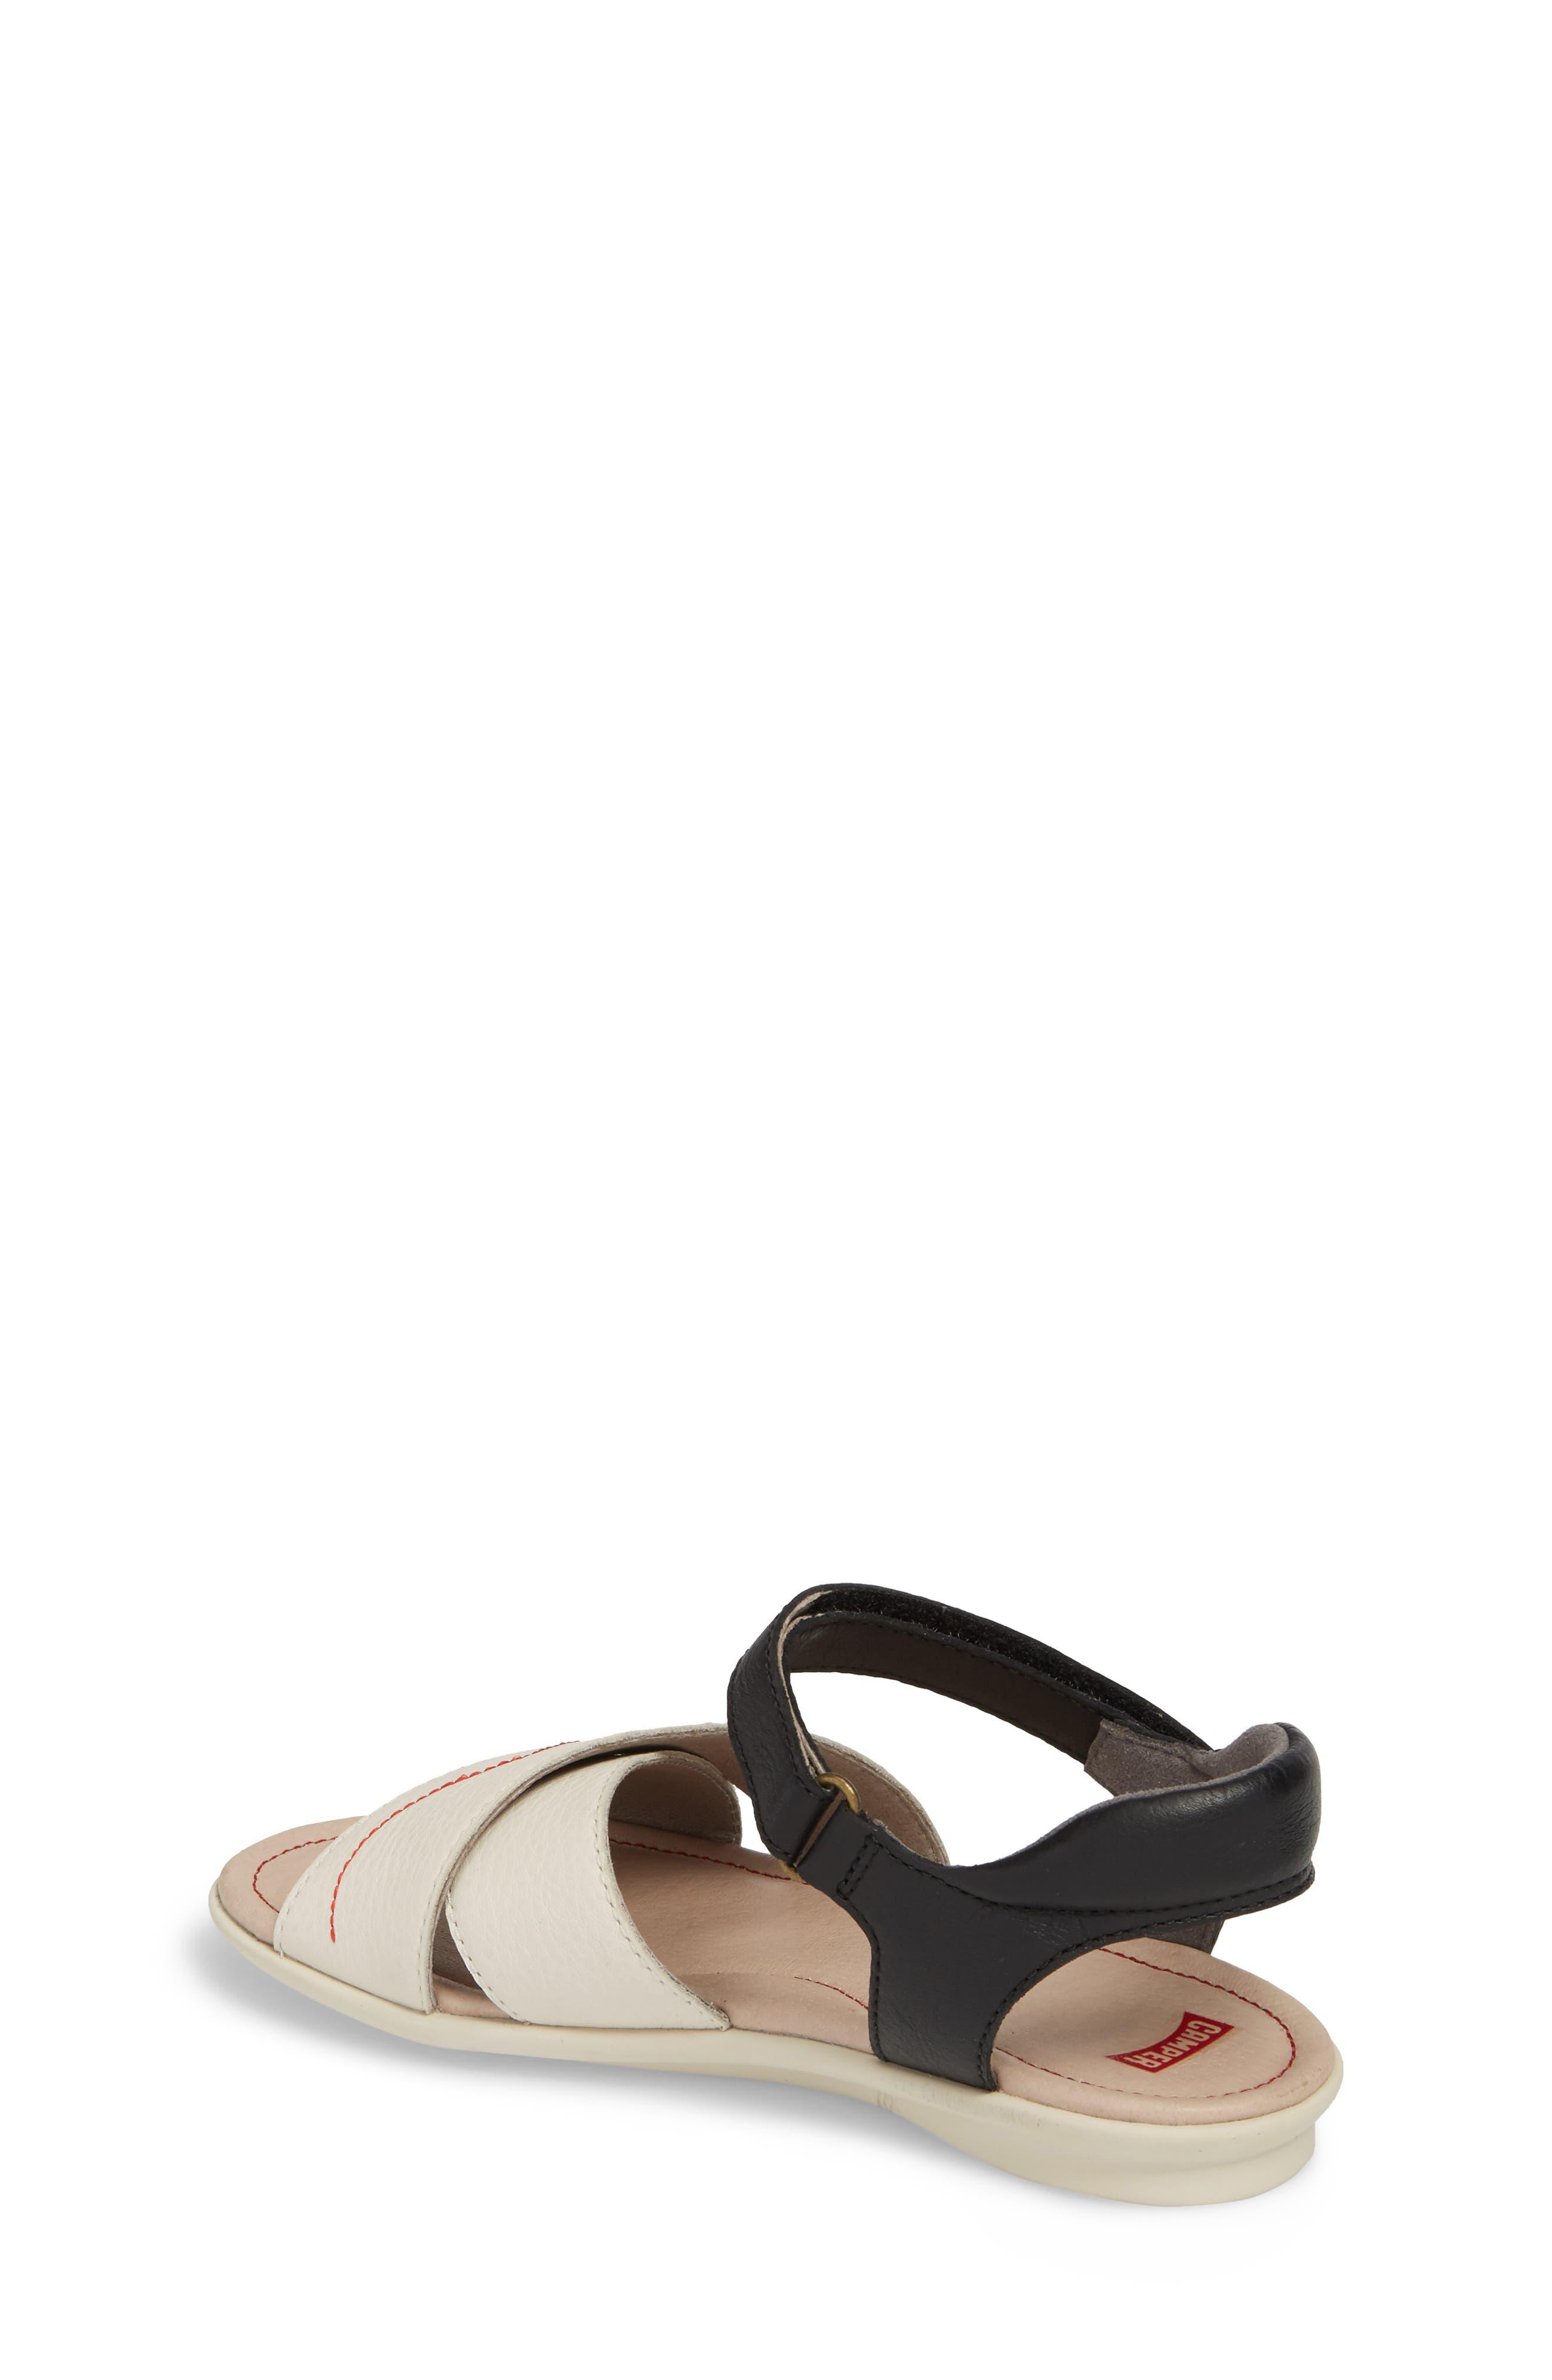 Twins Sandal,                             Alternate thumbnail 2, color,                             White Multi